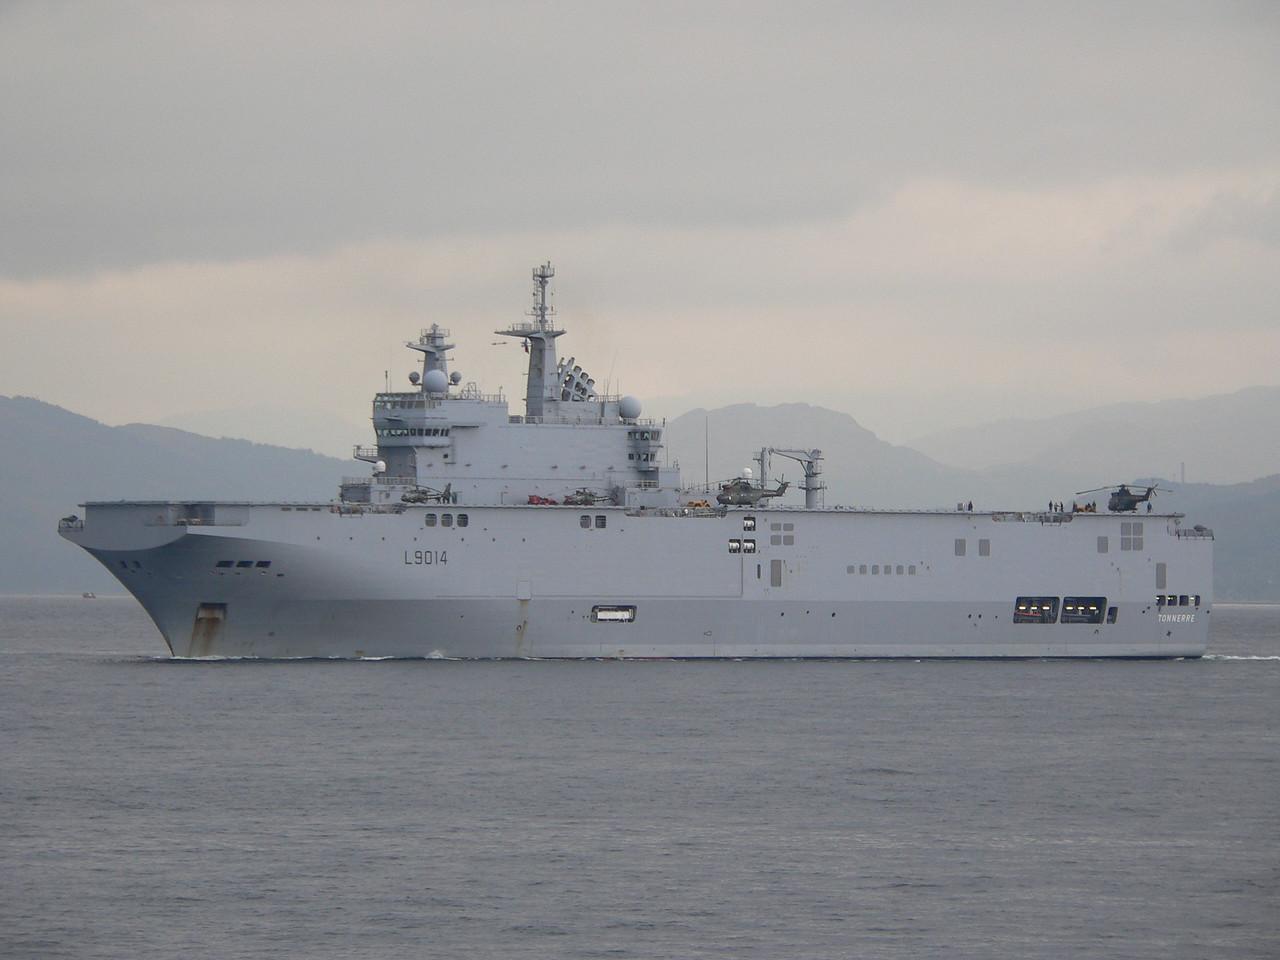 L-9014 FS TONNERRE